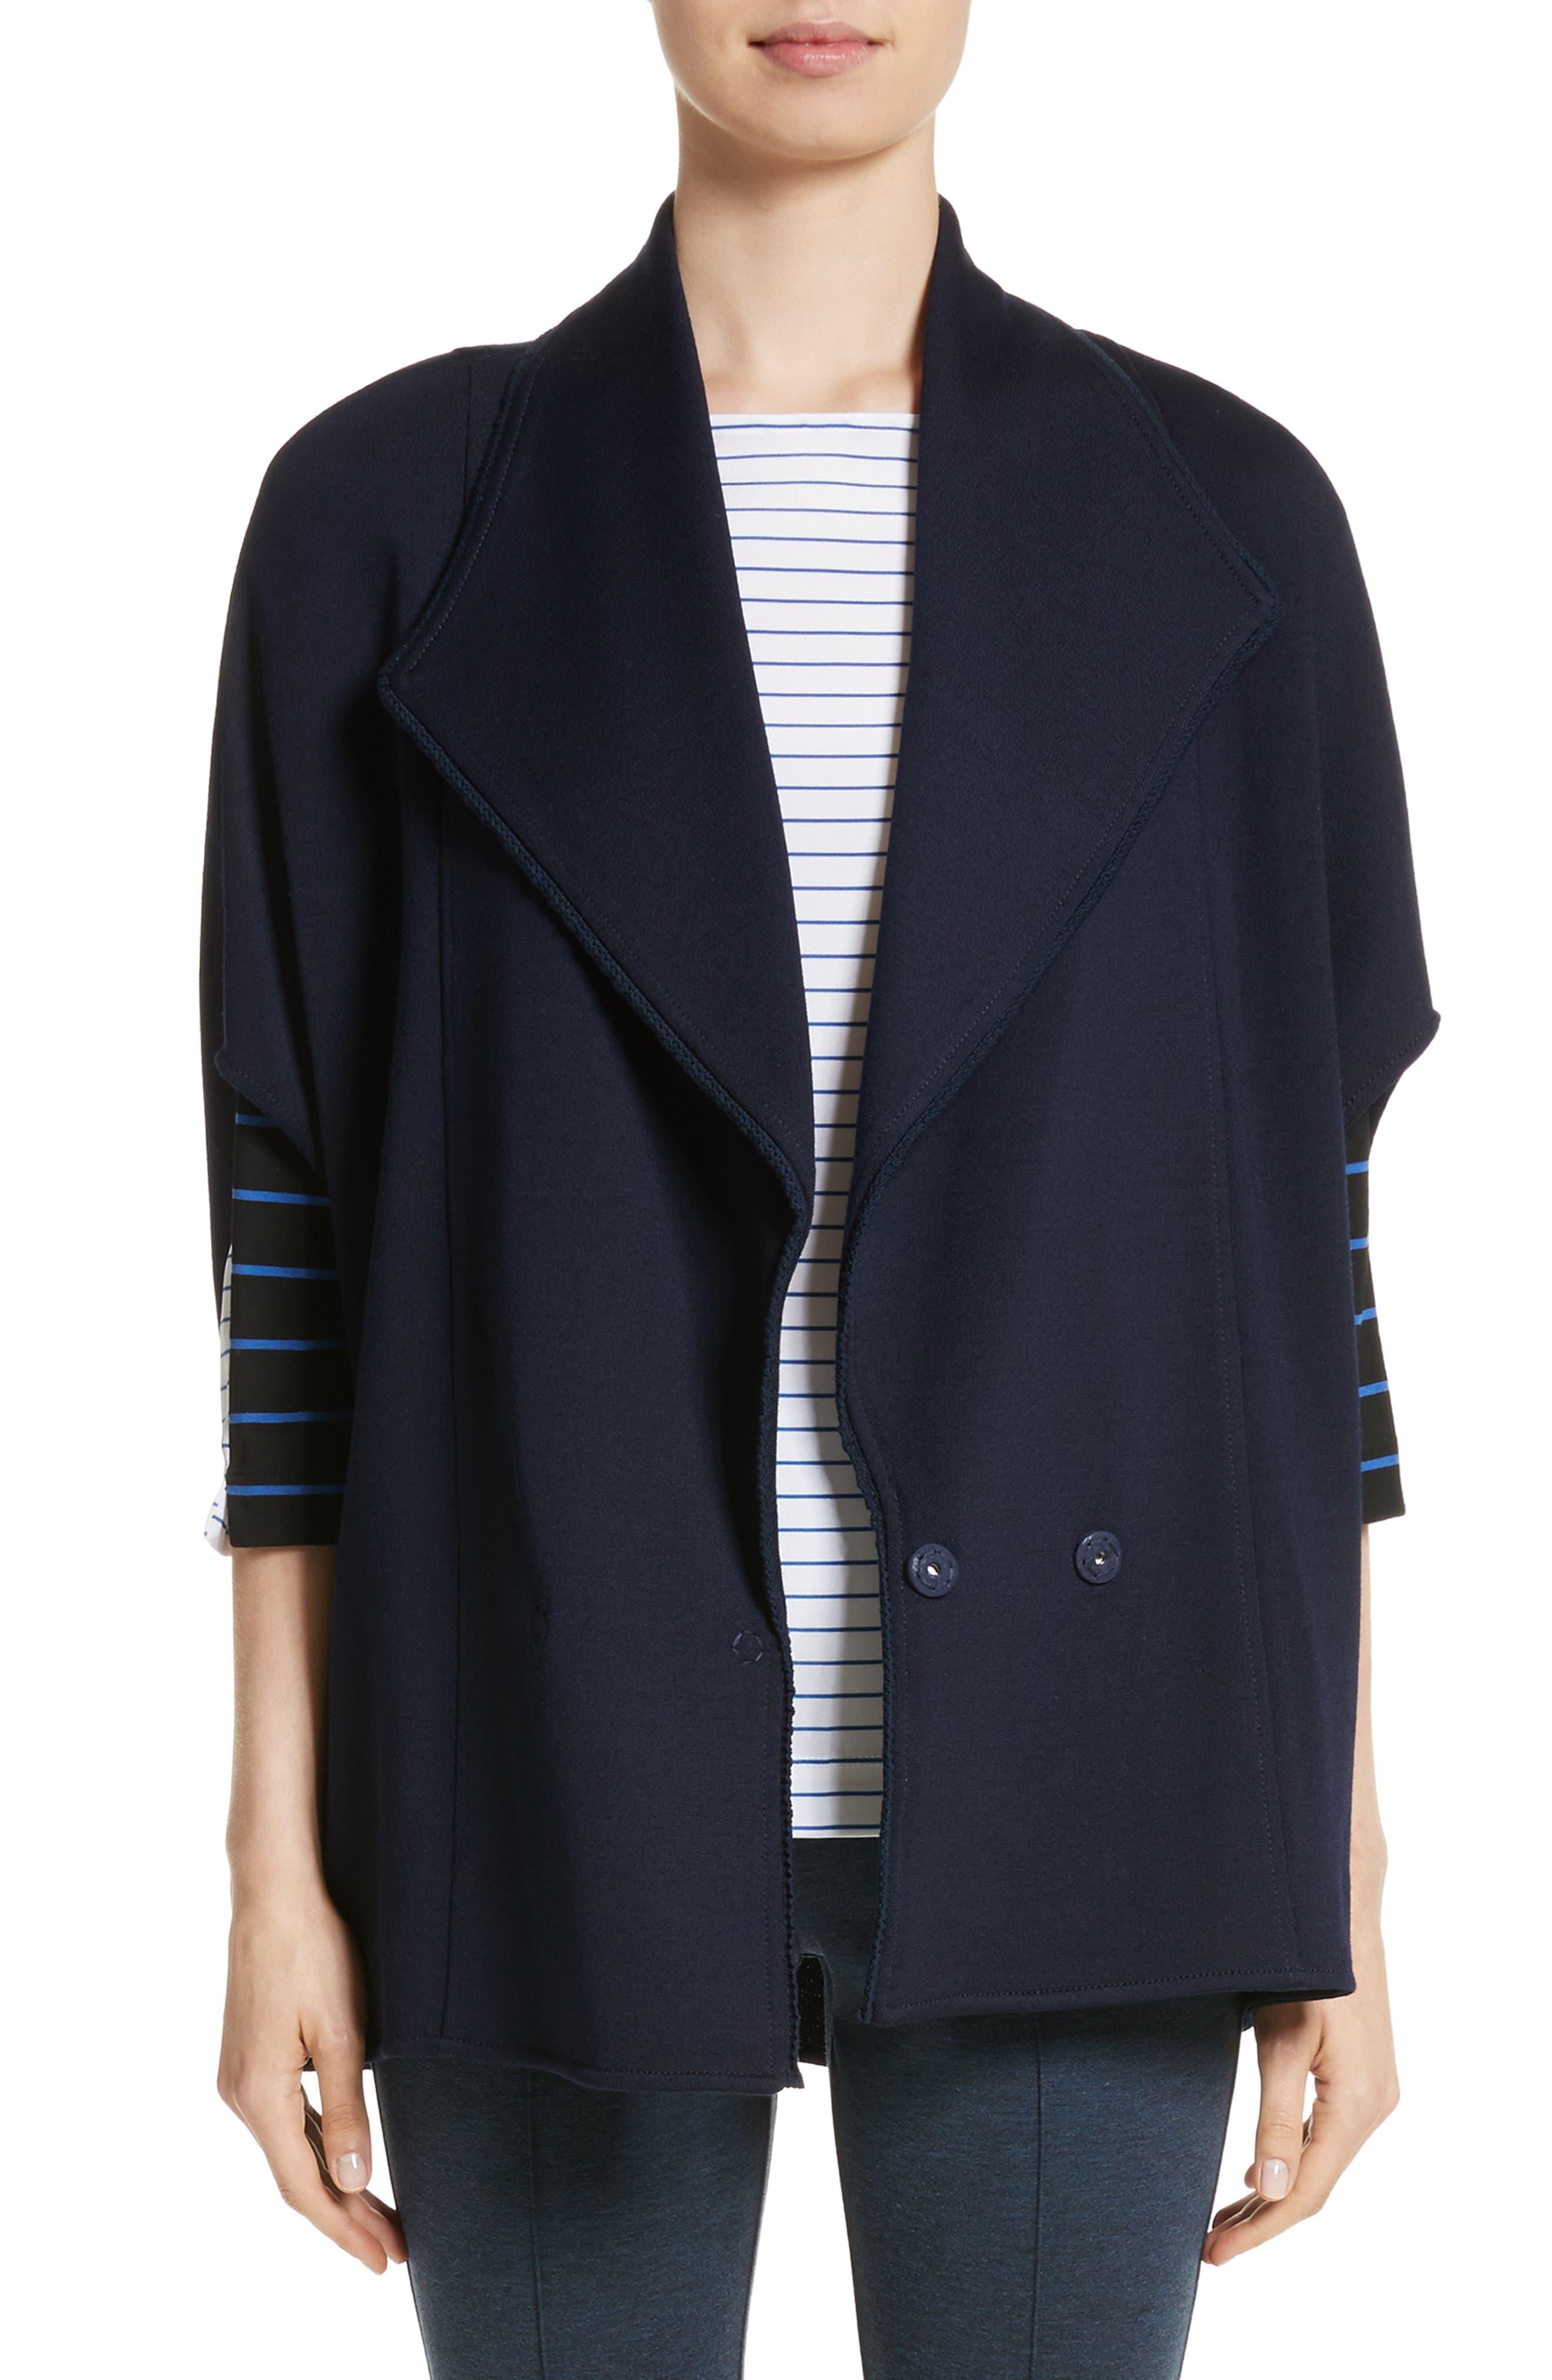 Circular Milano Knit Jacket,                             Main thumbnail 1, color,                             410